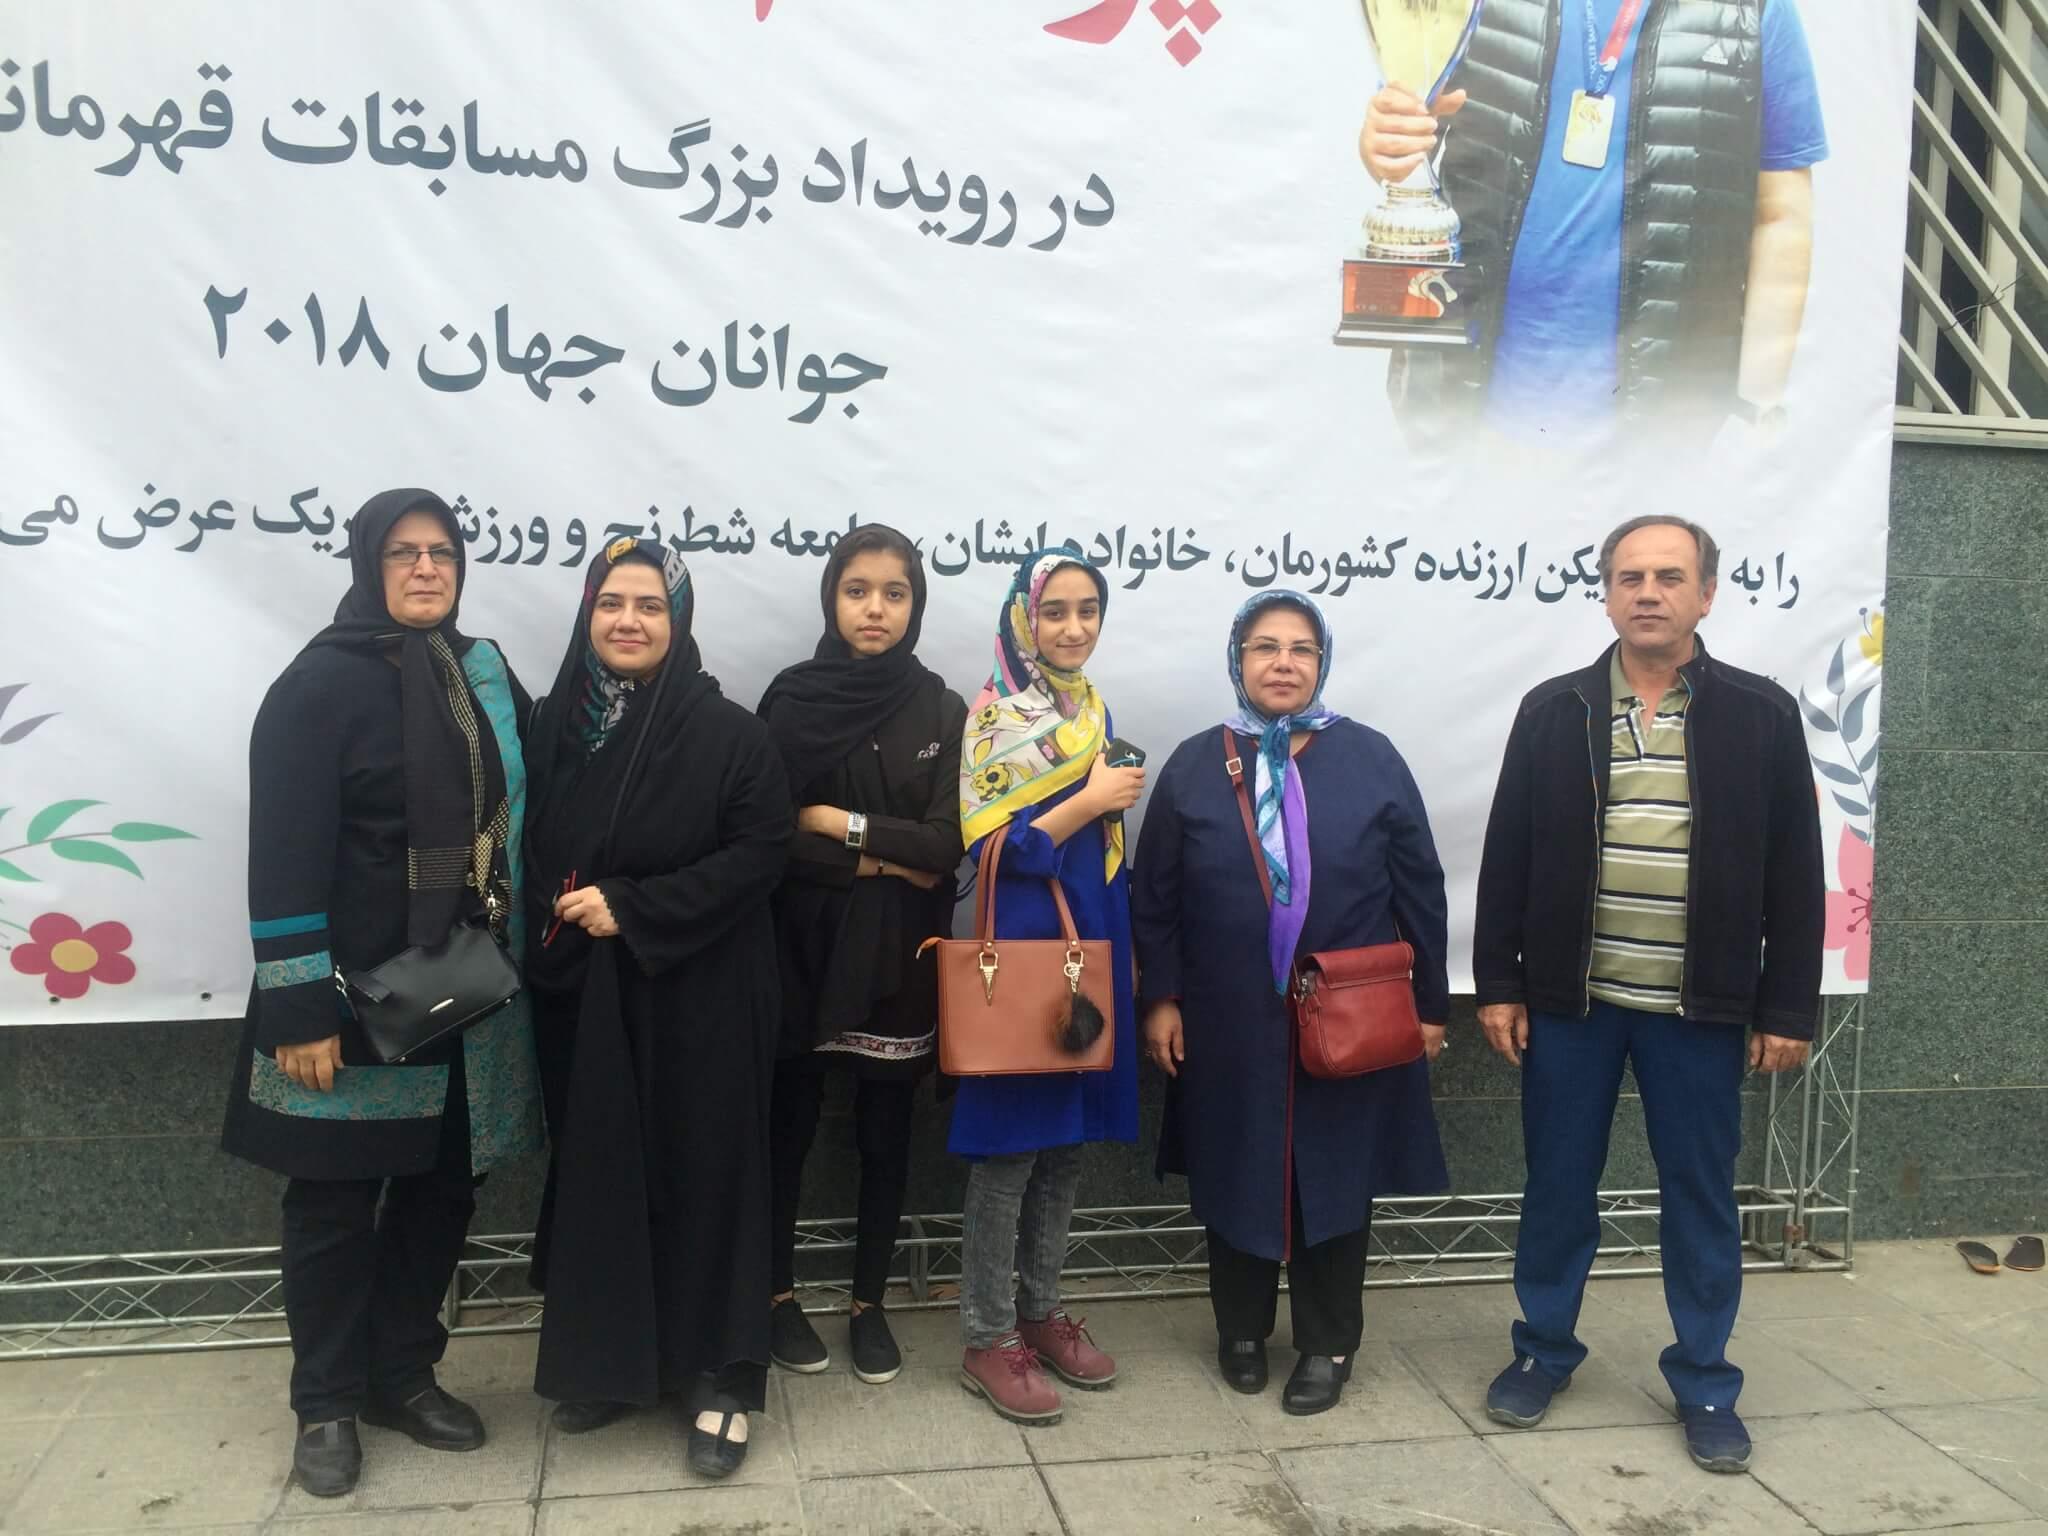 اغاز مسابقات لیگ دستجات آزاد استان تهران زیر 18 سال - بانوان - اقایان